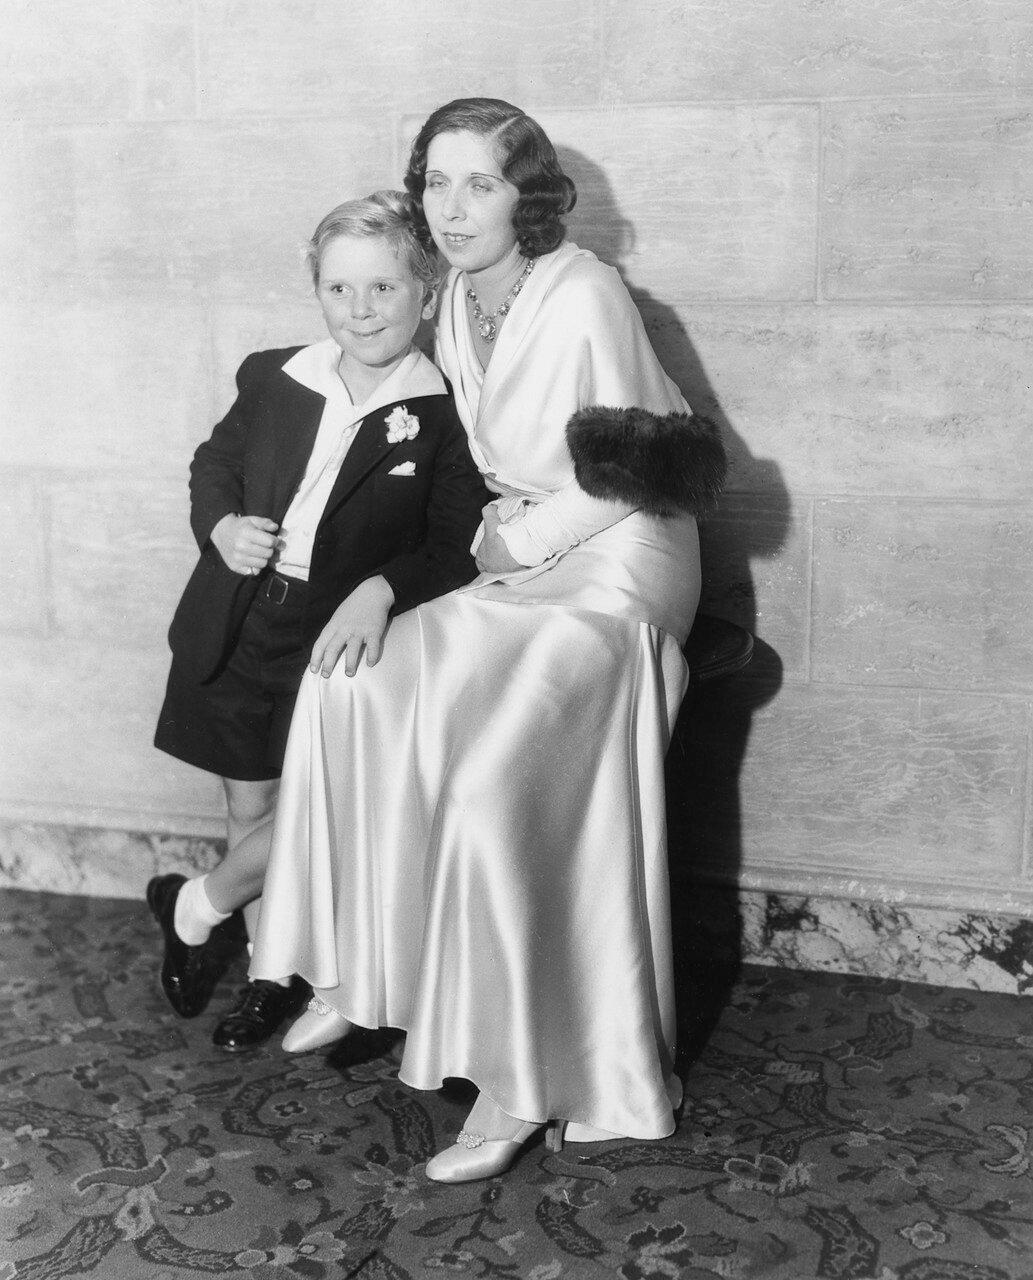 1932. Джеки Купер со своей матерью. Джеки Купер номинат на Оскар за роль в фильме «Скиппи» (Skippy)